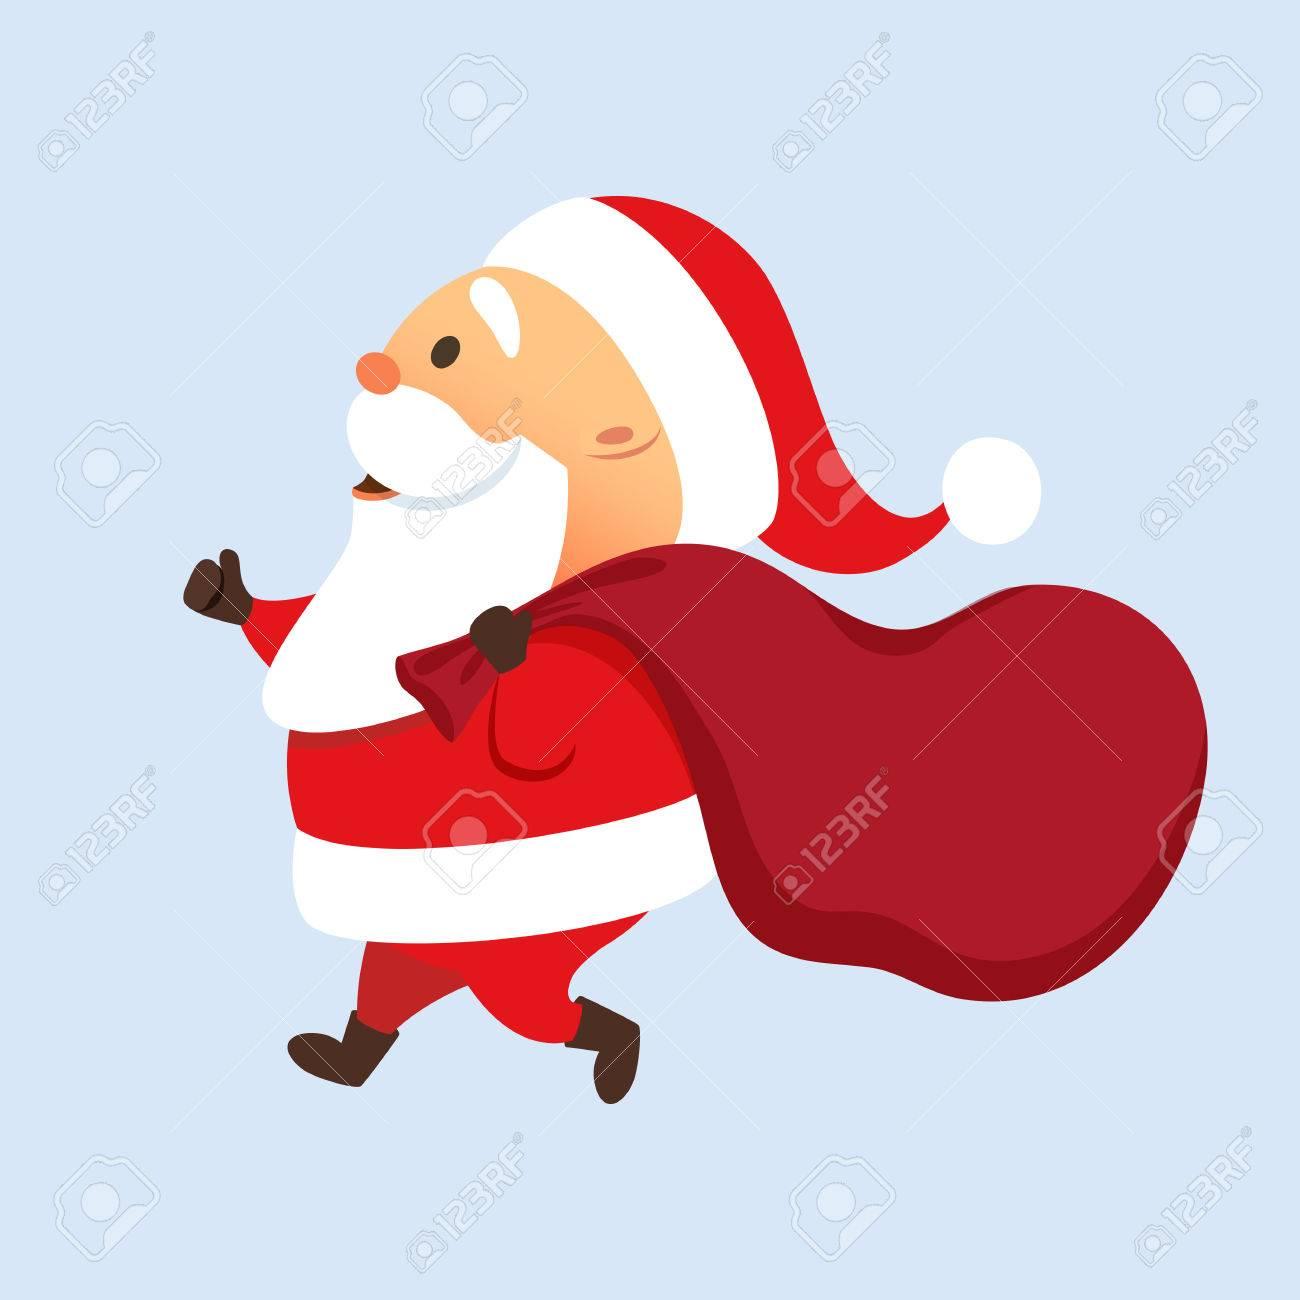 Weihnachtsmann Mit Einem Großen Sack Läuft. Weihnachtsmann Vorhanden ...